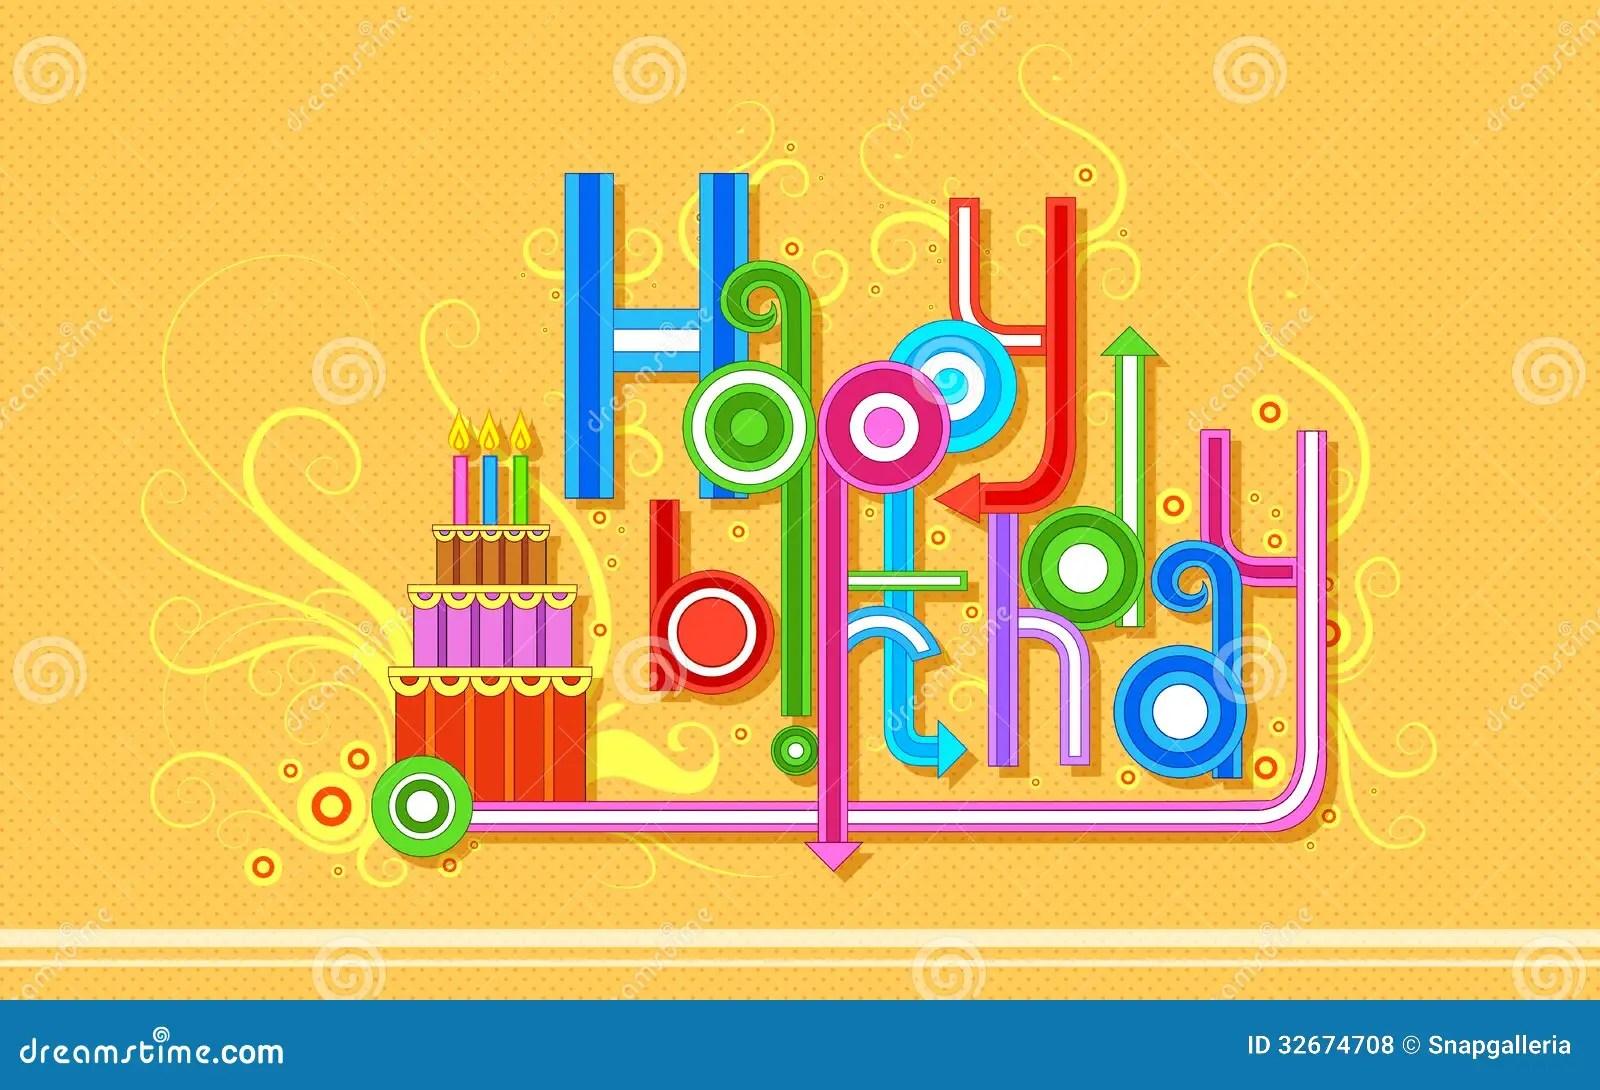 祝生日快樂背景 免版稅庫存照片 - 圖片: 32674708